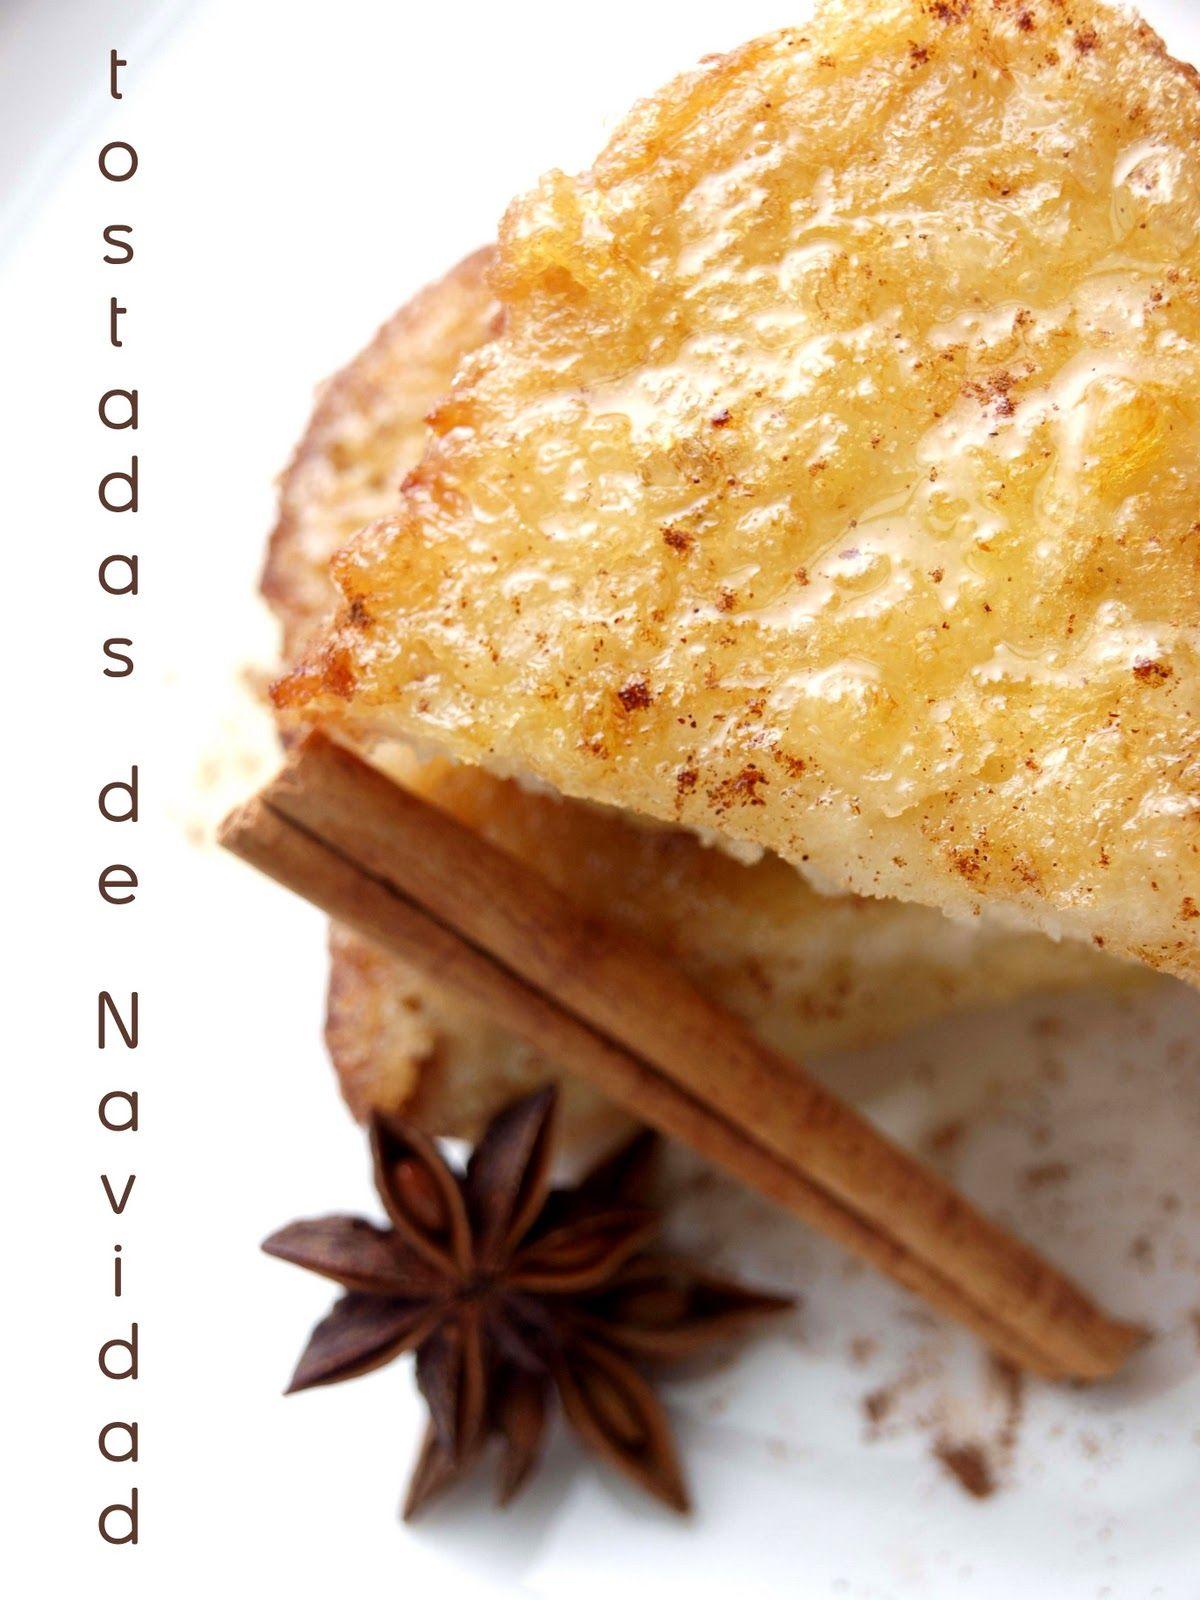 Bocados dulces y salados: TOSTADAS DE NAVIDAD